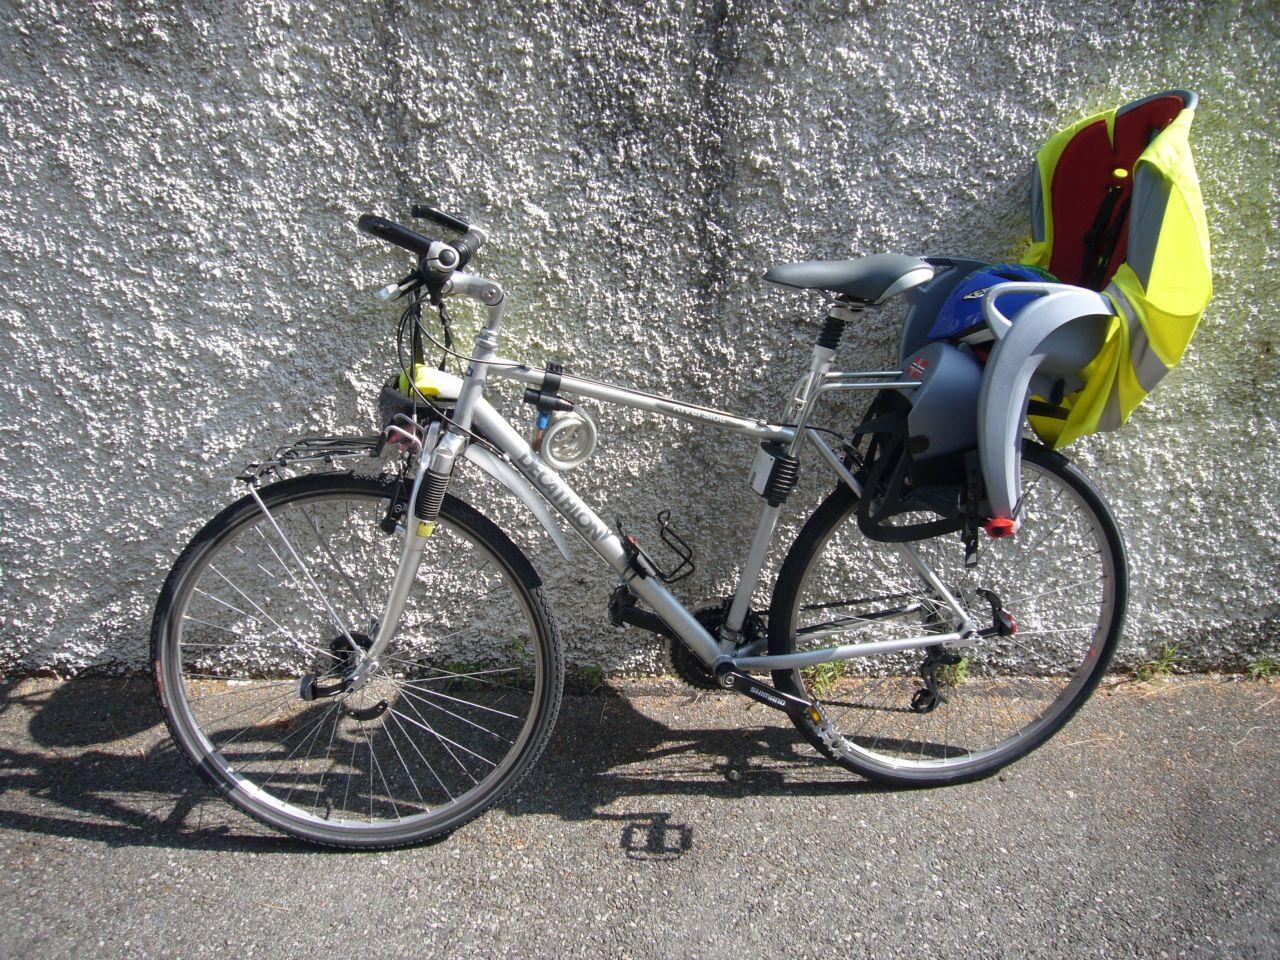 Bobike Sièges Enfants Pour Vélo Jepedalecom - Porte bébé pour vélo